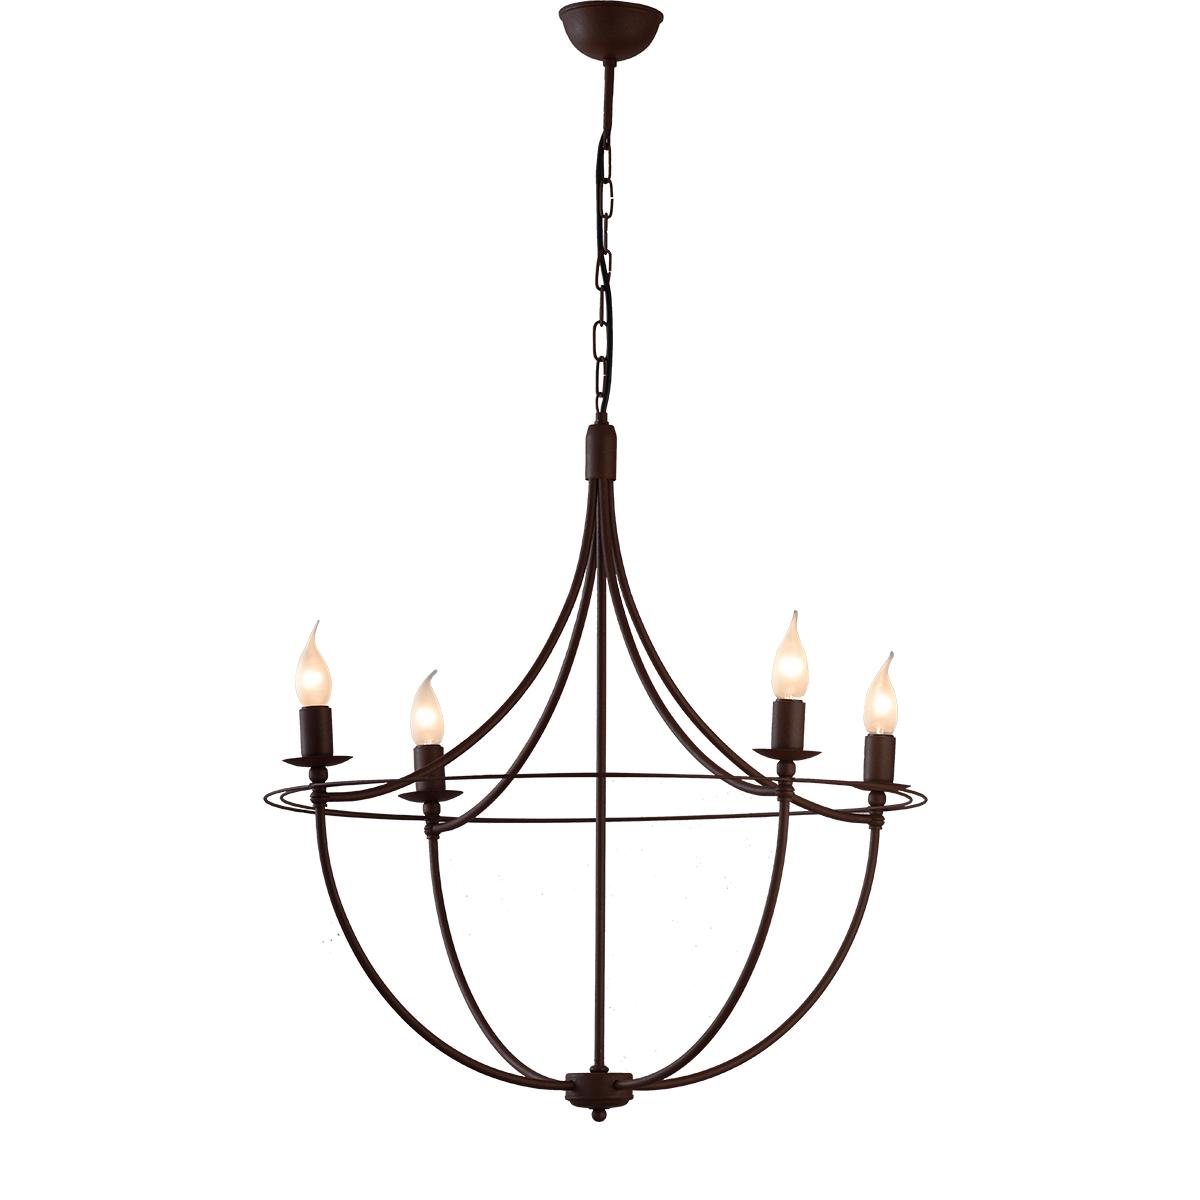 Κρεμαστό φωτιστικό σε καφέ πατίνα VILLAGE brown patinated rustic chandelier